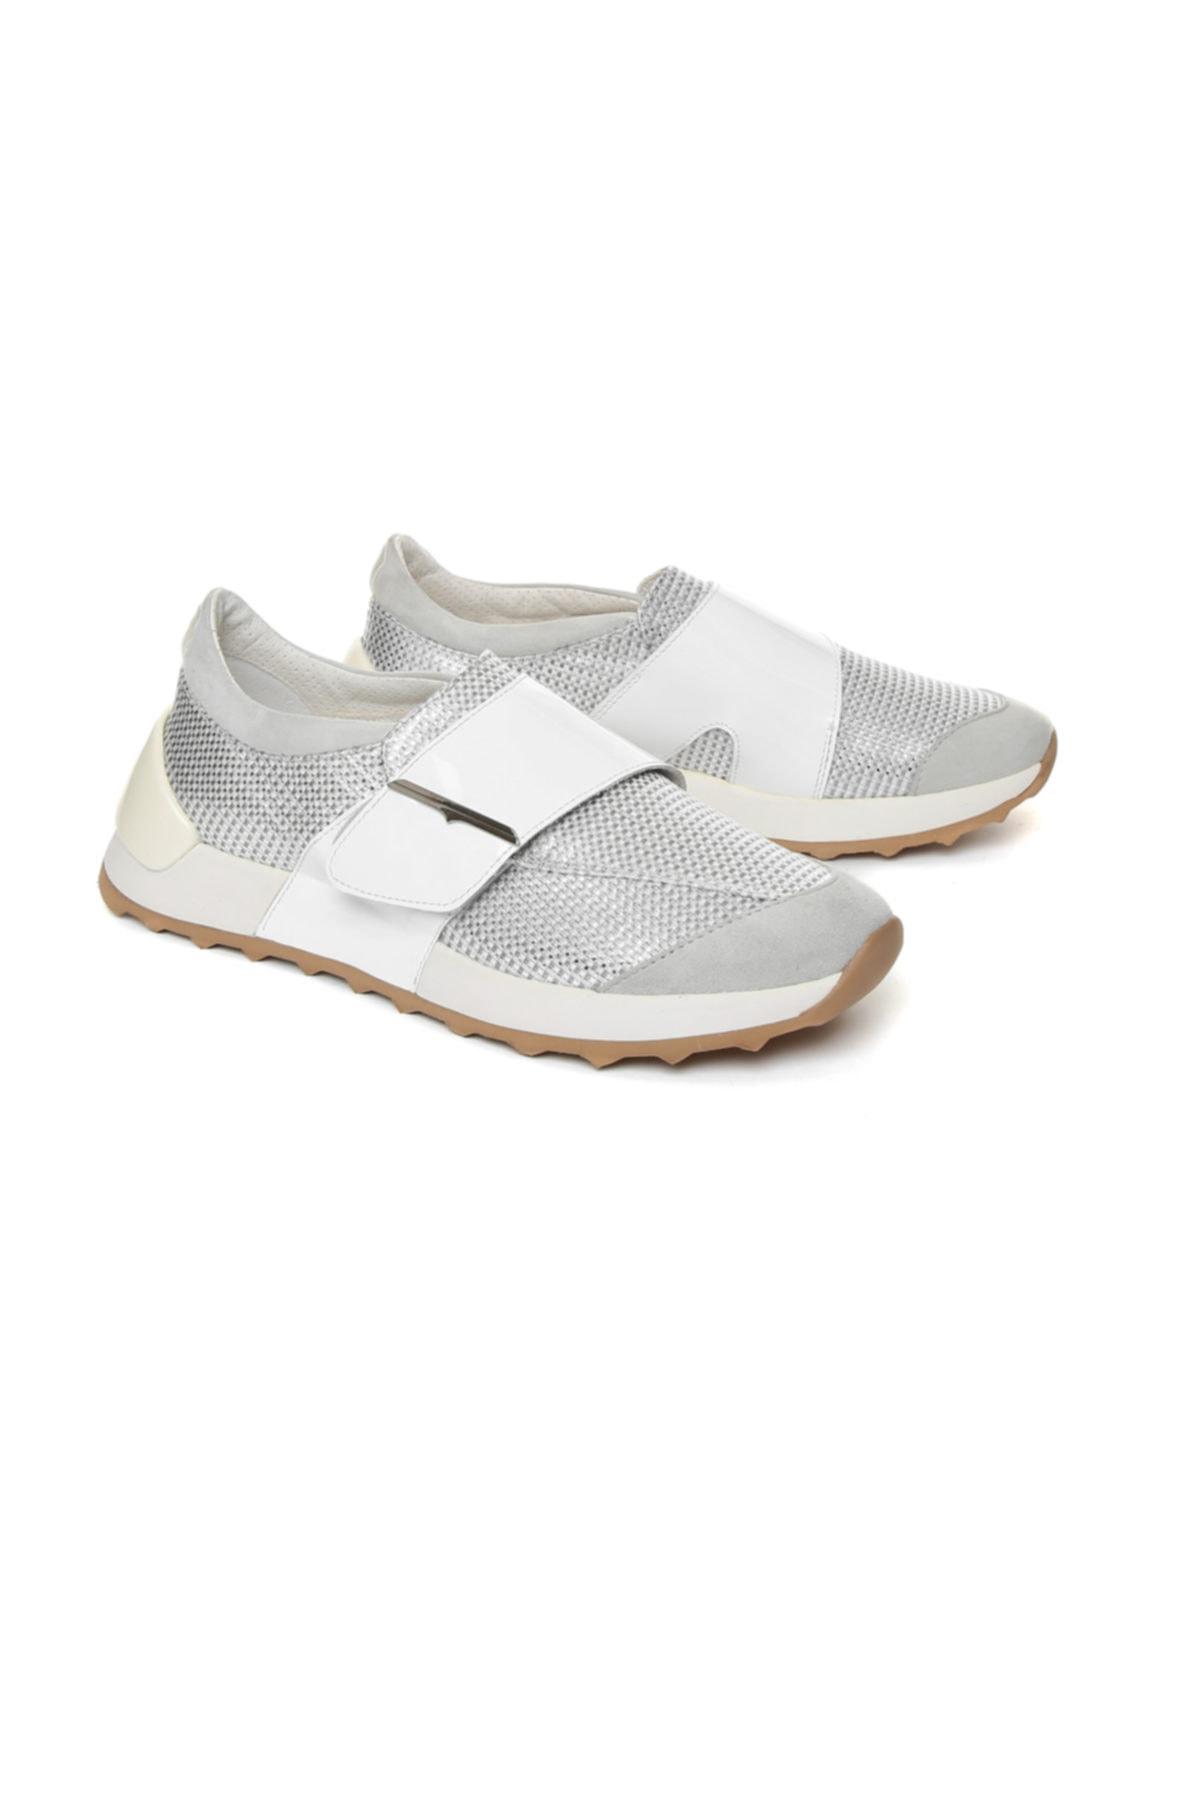 ALBERTO GUARDIANI Kadın Gümüş Renk Casual Ayakkabı 2